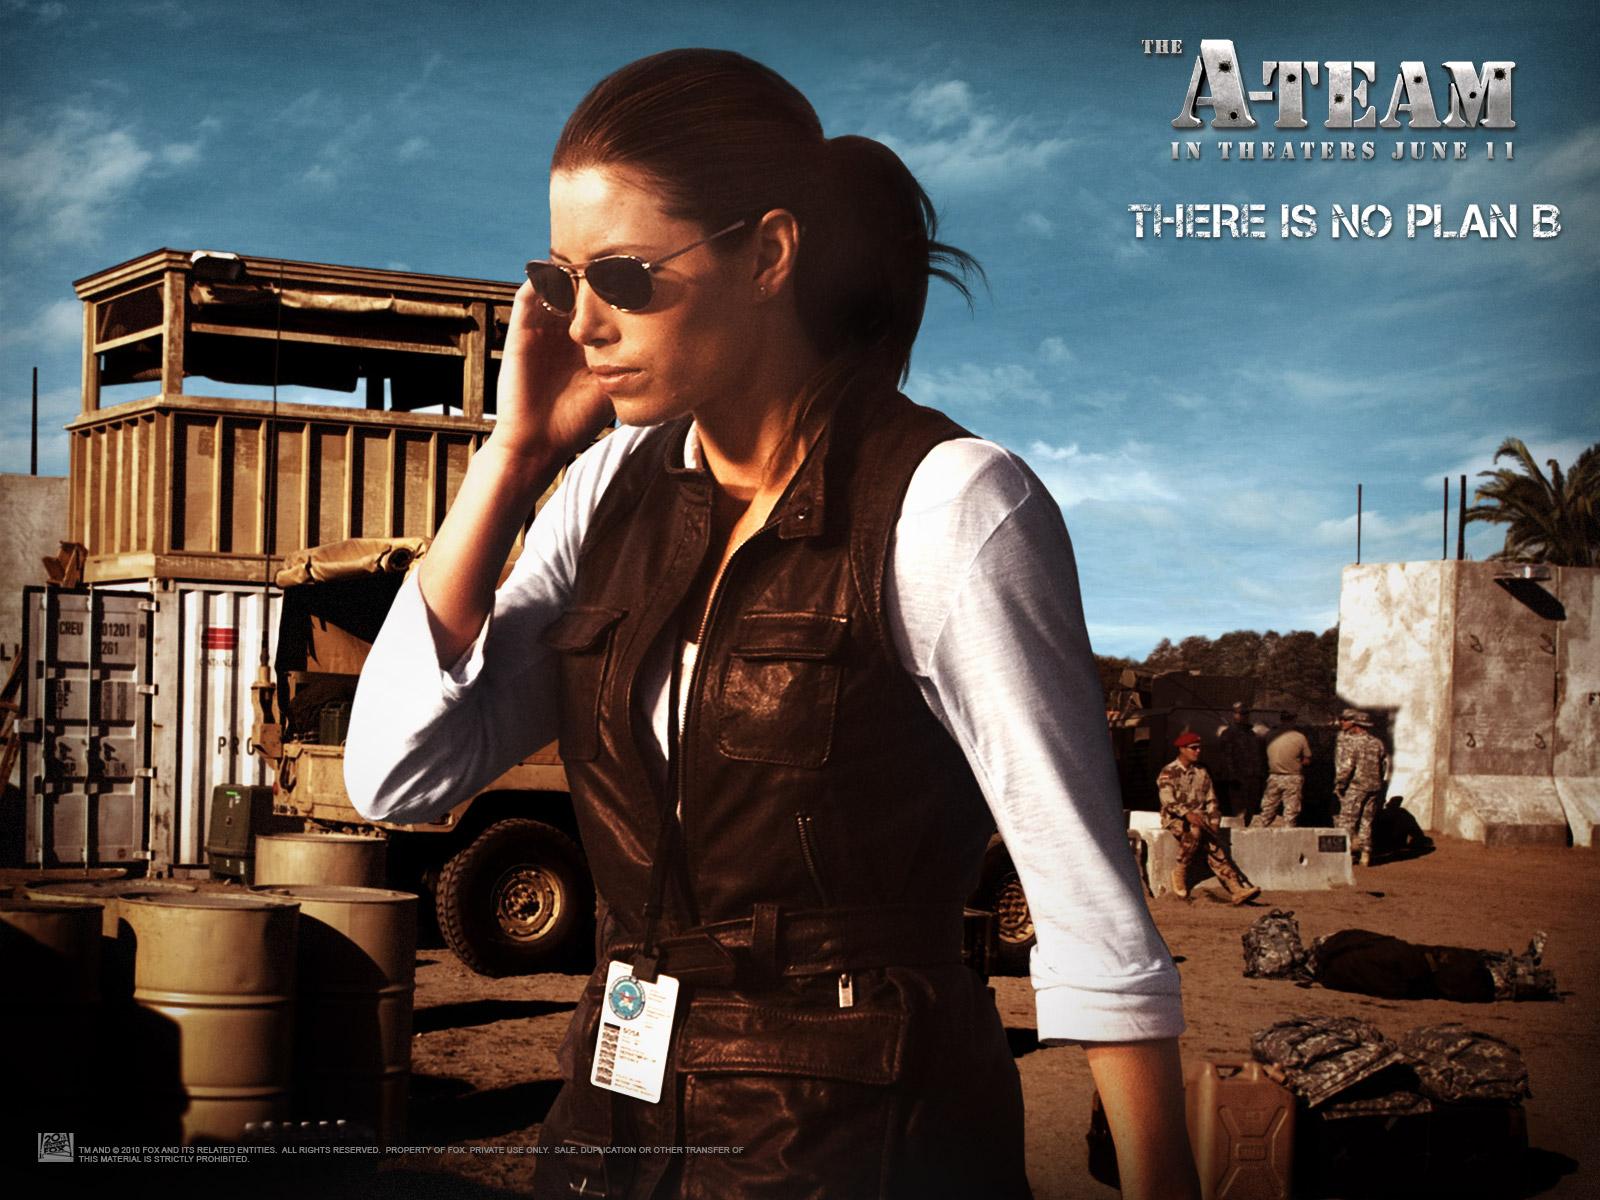 http://4.bp.blogspot.com/_8UYCuLzpiBs/TTByf9RD5aI/AAAAAAAABPw/Hfg8SYEquqg/s1600/Jessica-Biel-The-A-Team.jpg